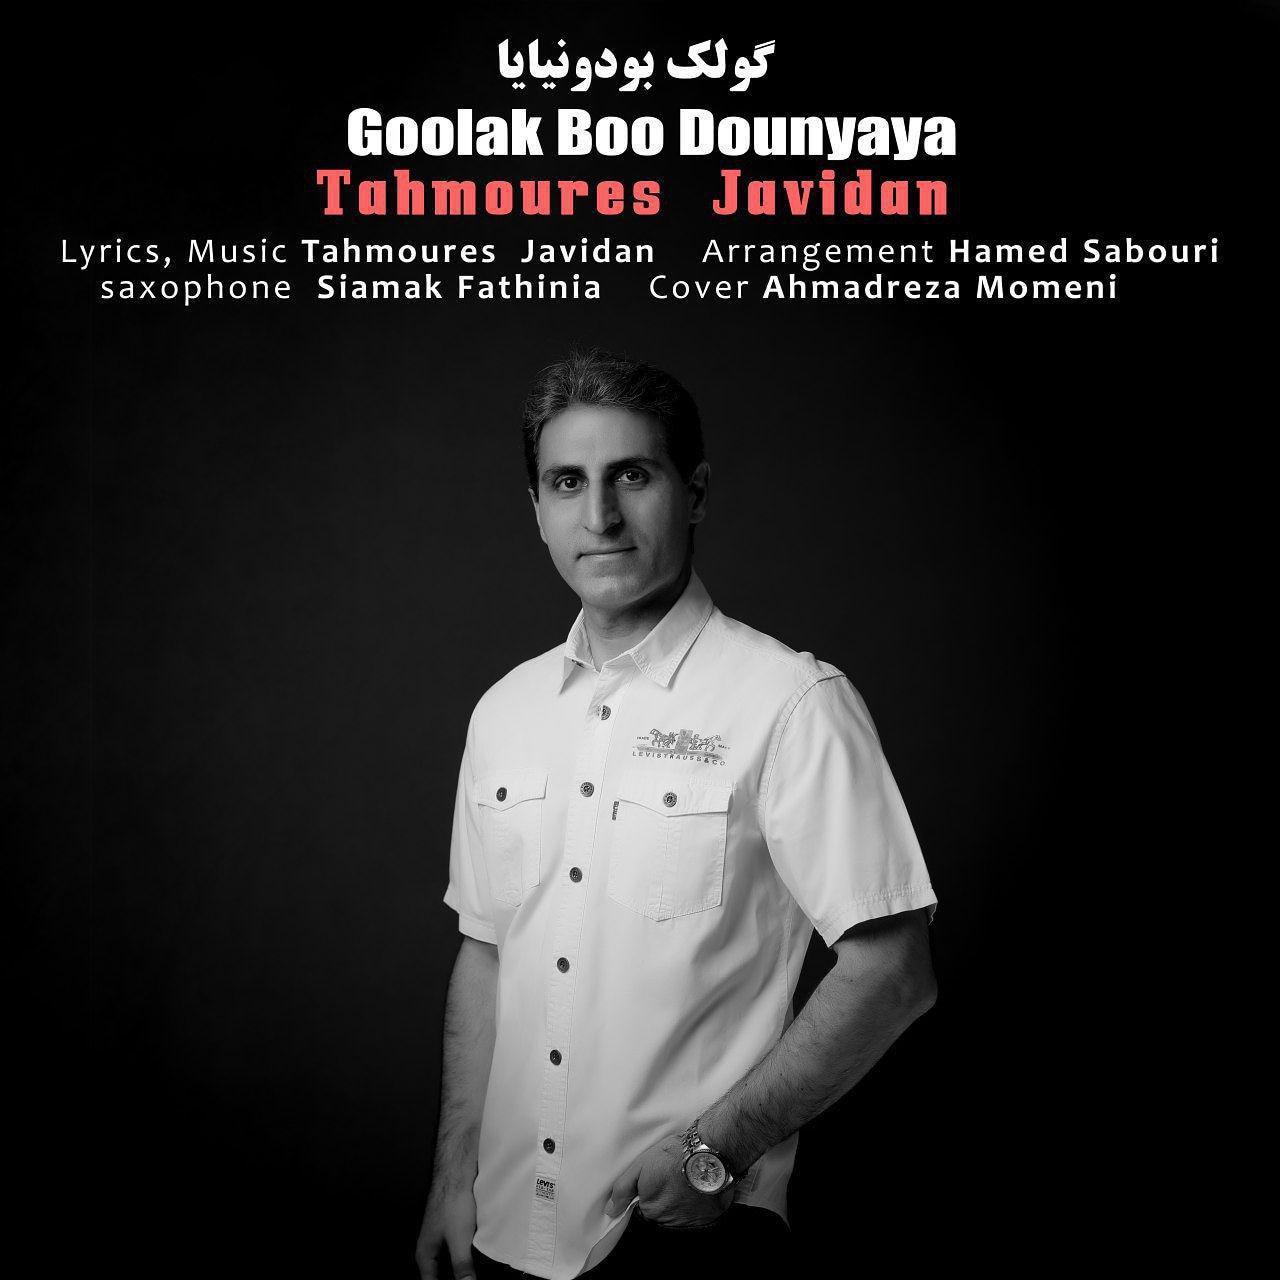 http://s4.picofile.com/file/8364151426/20Tahmoures_Javidan_Goolak_Bu_Dunyaya.jpg